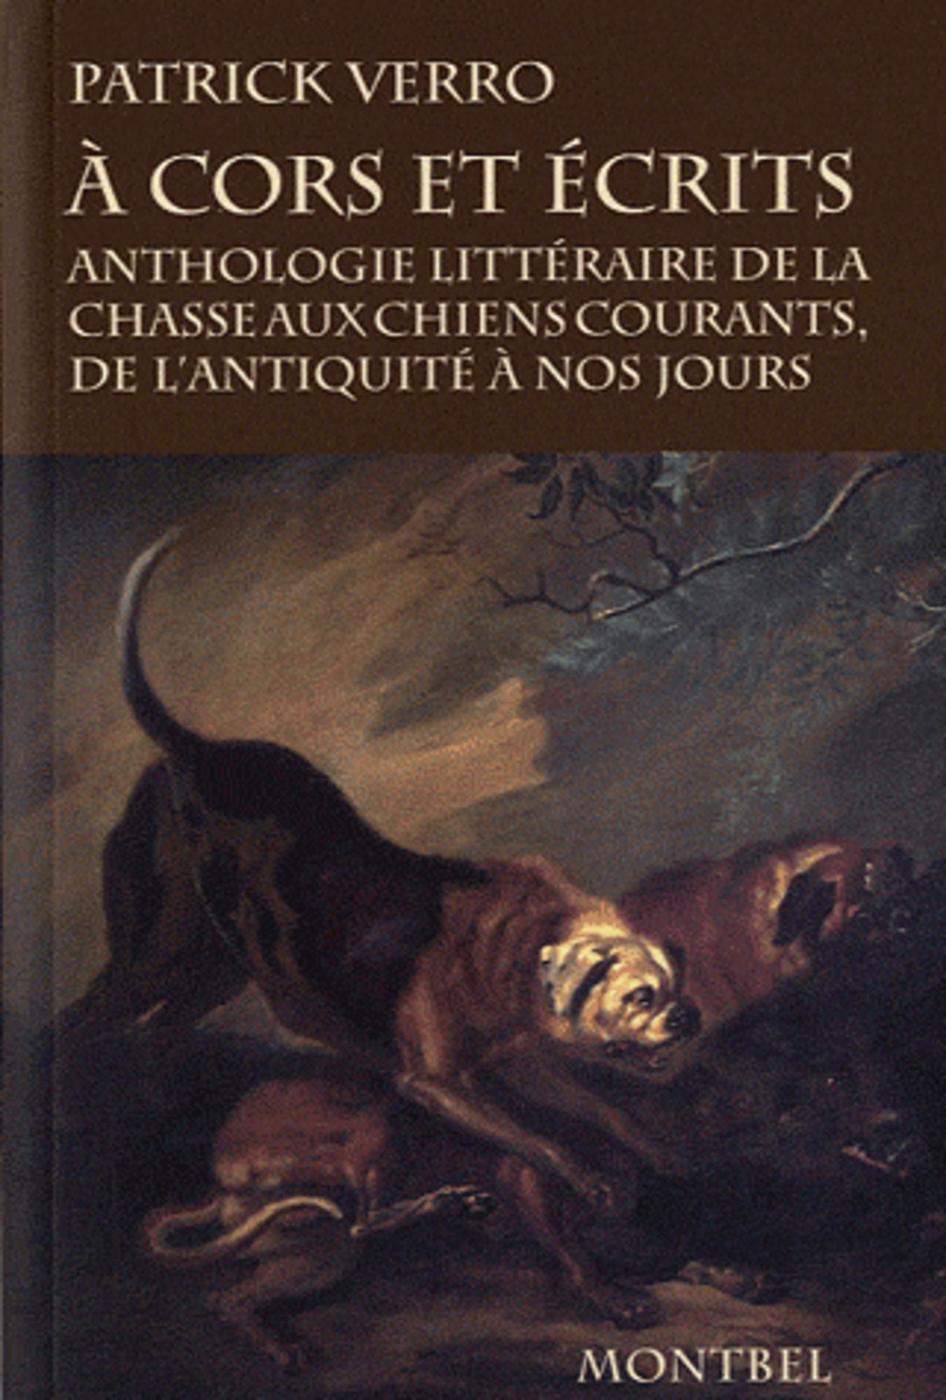 A CORS ET ECRITS - ANTHOLOGIE LITTERAIRE DE LA CHASSE AUX CHIENS COURANTS, DE L'ANTIQUITE A NOS JOUR